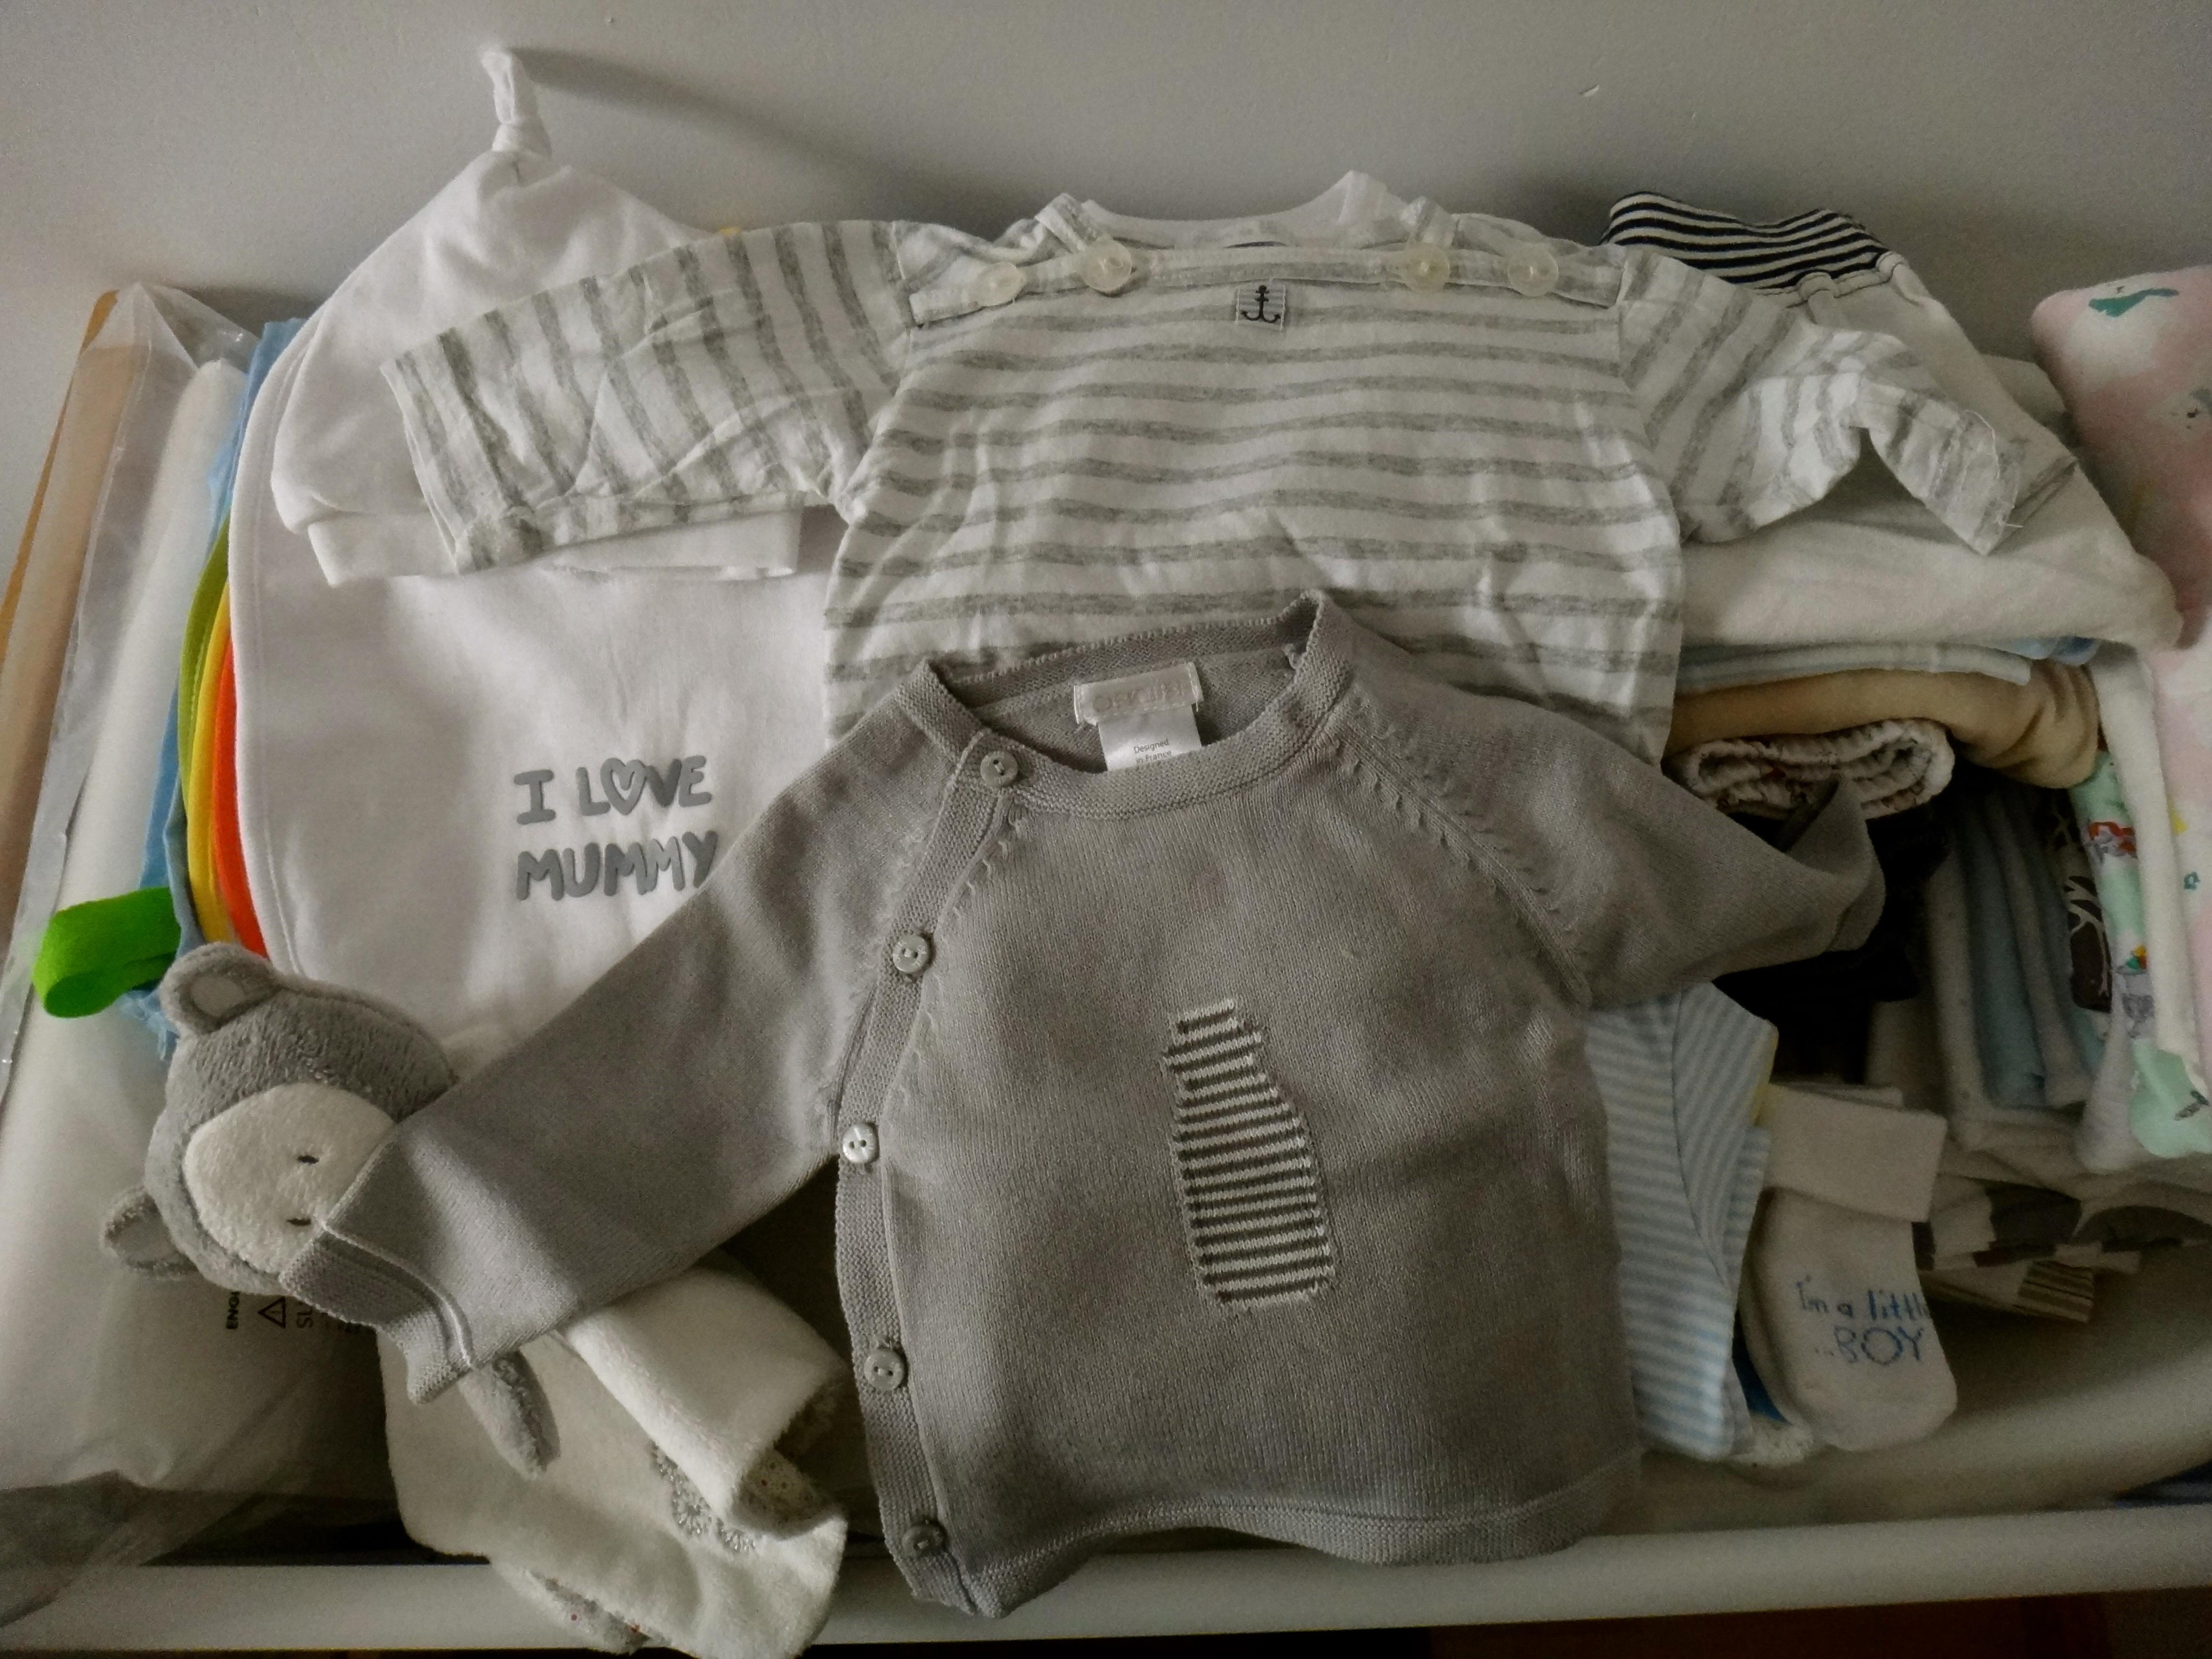 ♡ Préparer la valise pour la maternité c'est pas si compliqué ?  ♡ Préparer la valise pour la maternité c'est pas si compliqué ?  ♡ Préparer la valise pour la maternité c'est pas si compliqué ?  ♡ Préparer la valise pour la maternité c'est pas si compliqué ?  ♡ Préparer la valise pour la maternité c'est pas si compliqué ?  ♡ Préparer la valise pour la maternité c'est pas si compliqué ?  ♡ Préparer la valise pour la maternité c'est pas si compliqué ?  ♡ Préparer la valise pour la maternité c'est pas si compliqué ?  ♡ Préparer la valise pour la maternité c'est pas si compliqué ?  ♡ Préparer la valise pour la maternité c'est pas si compliqué ?  ♡ Préparer la valise pour la maternité c'est pas si compliqué ?  ♡ Préparer la valise pour la maternité c'est pas si compliqué ?